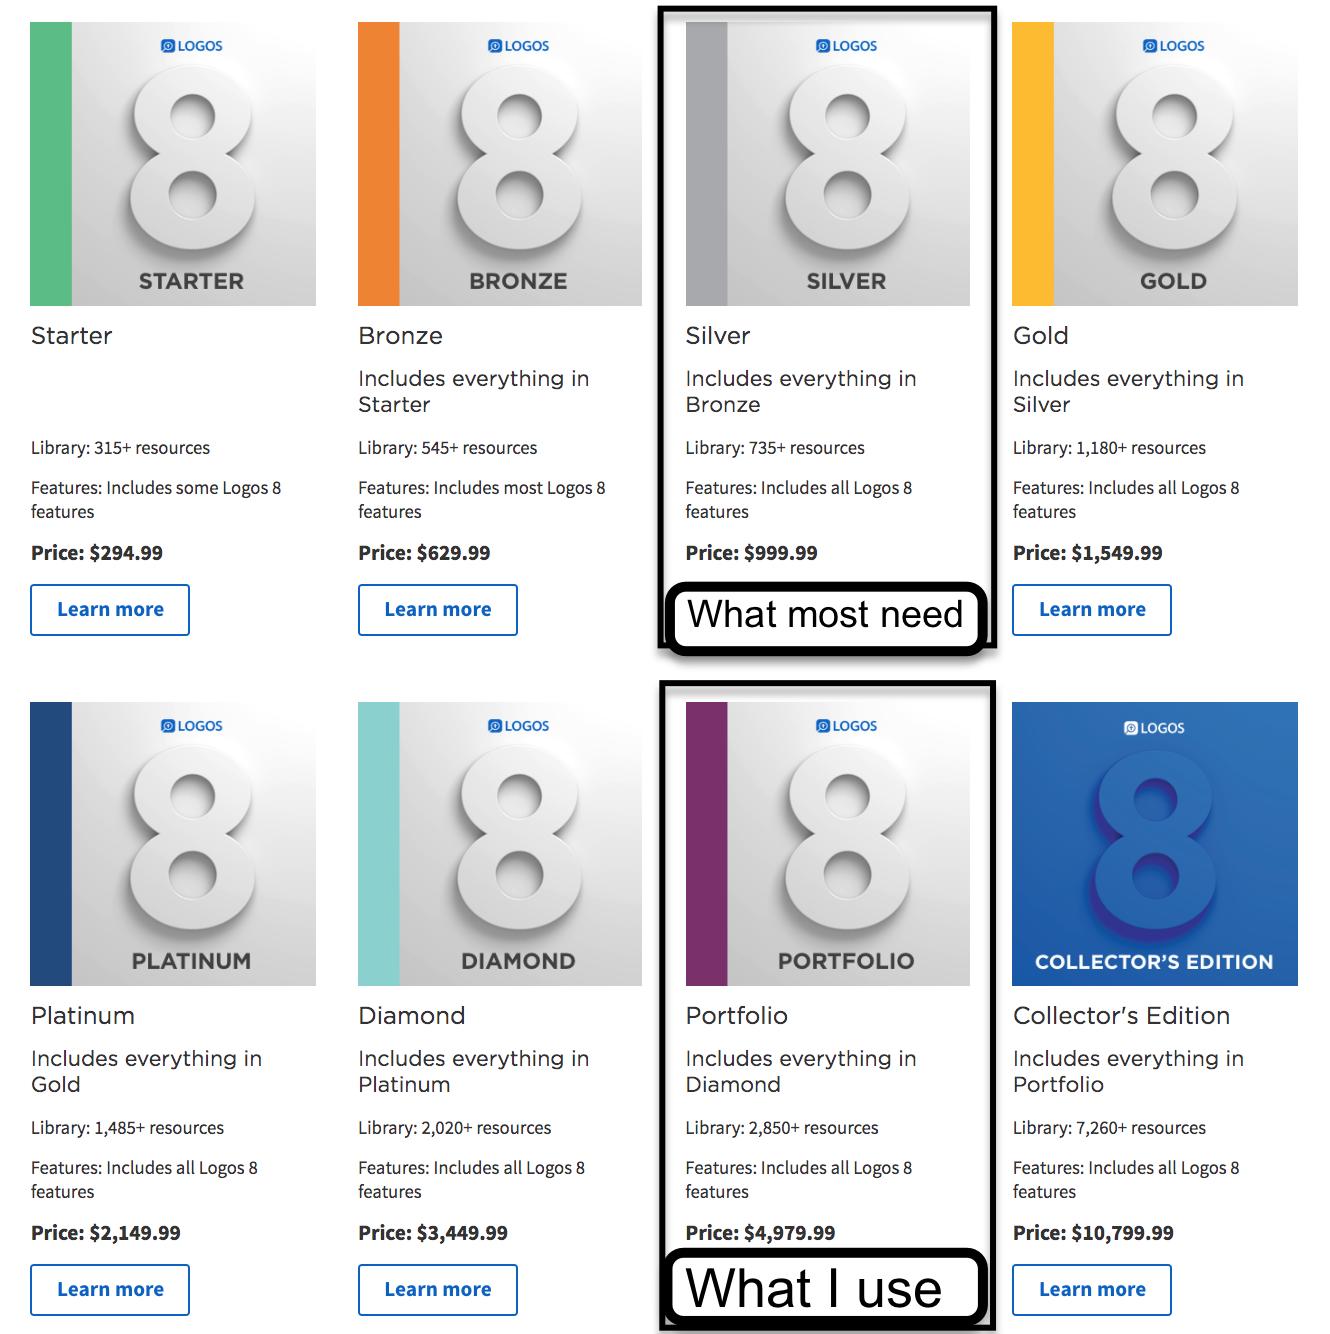 logos bible software coupon code